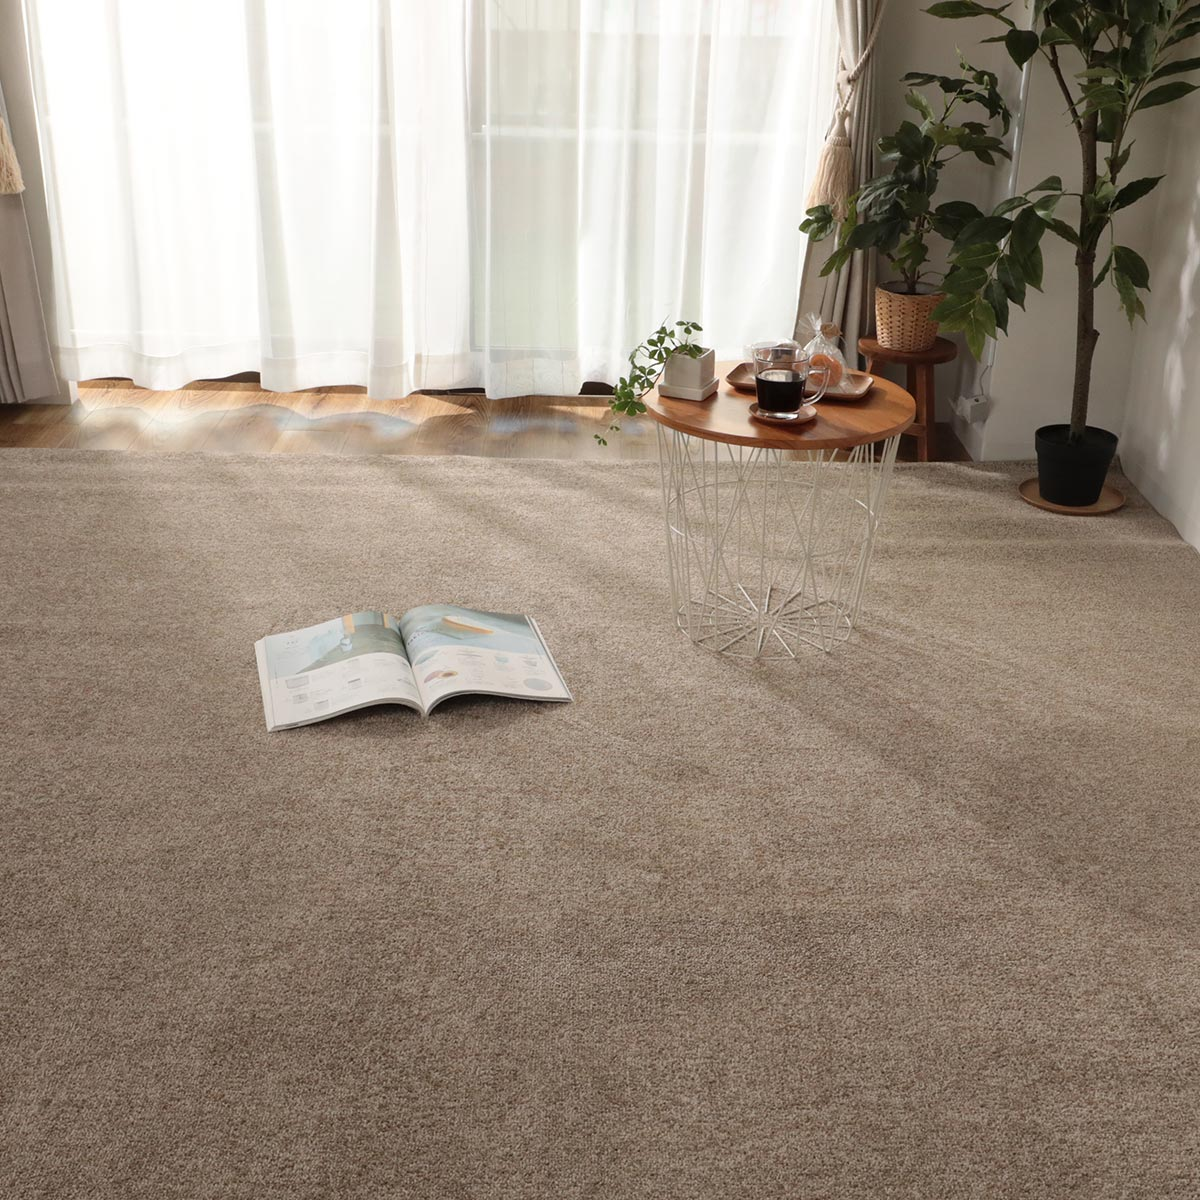 消臭・防ダニ・制菌防臭機能付ききカーペット『リデン』写真3